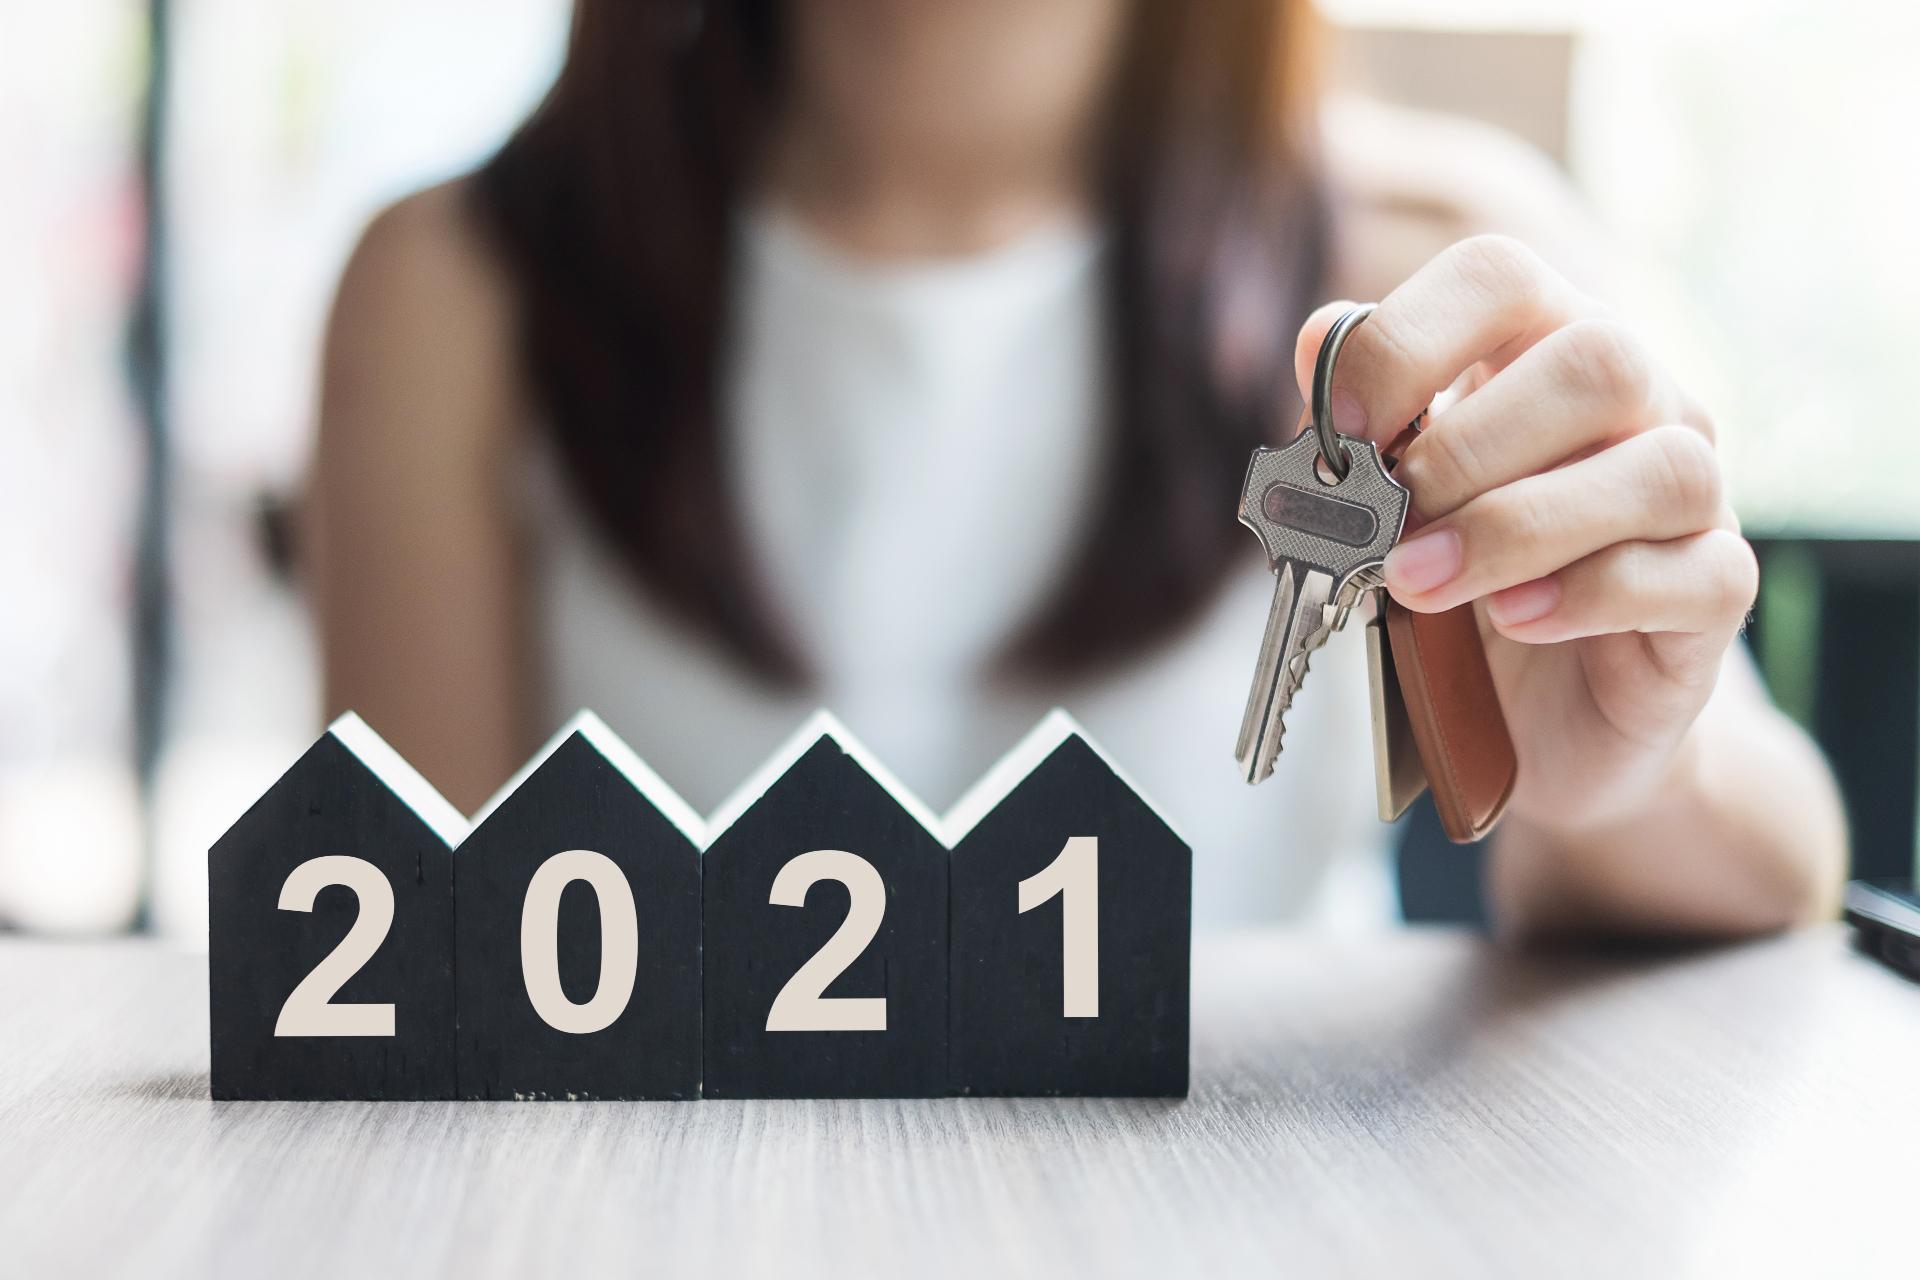 Рынок жилья демонстрирует признаки перенасыщения